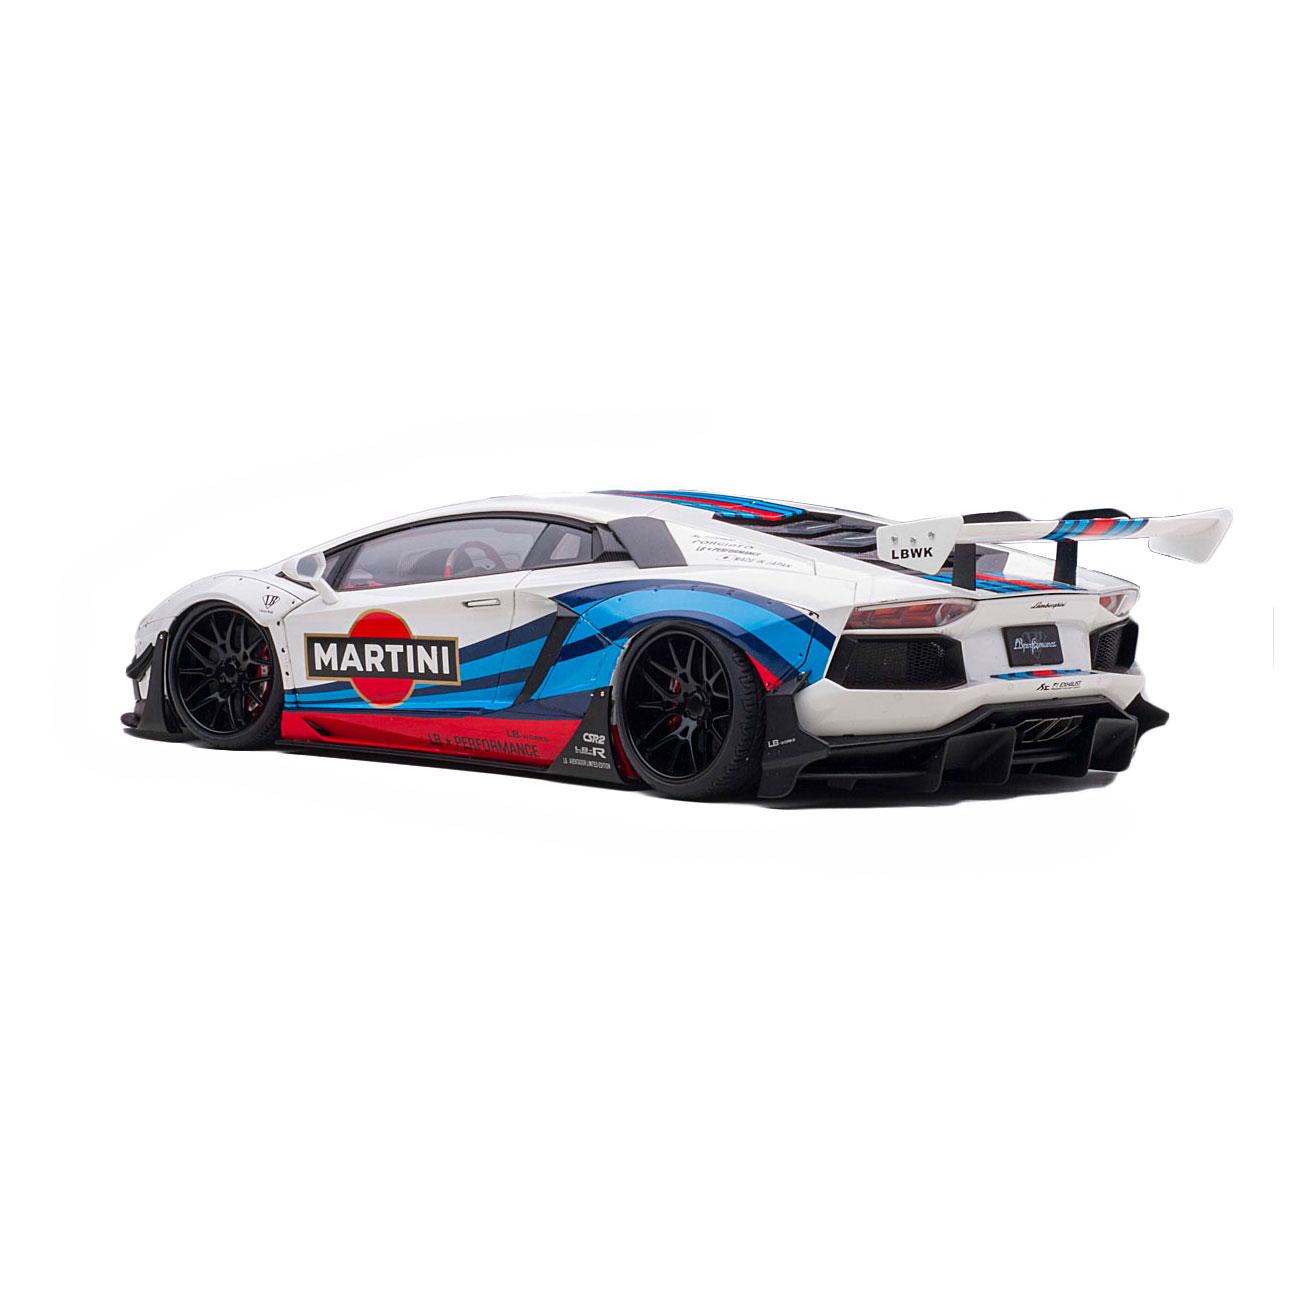 【予約】1/18Auto Art LB-WORKS Aventador LIMITED EDITION MARTINI